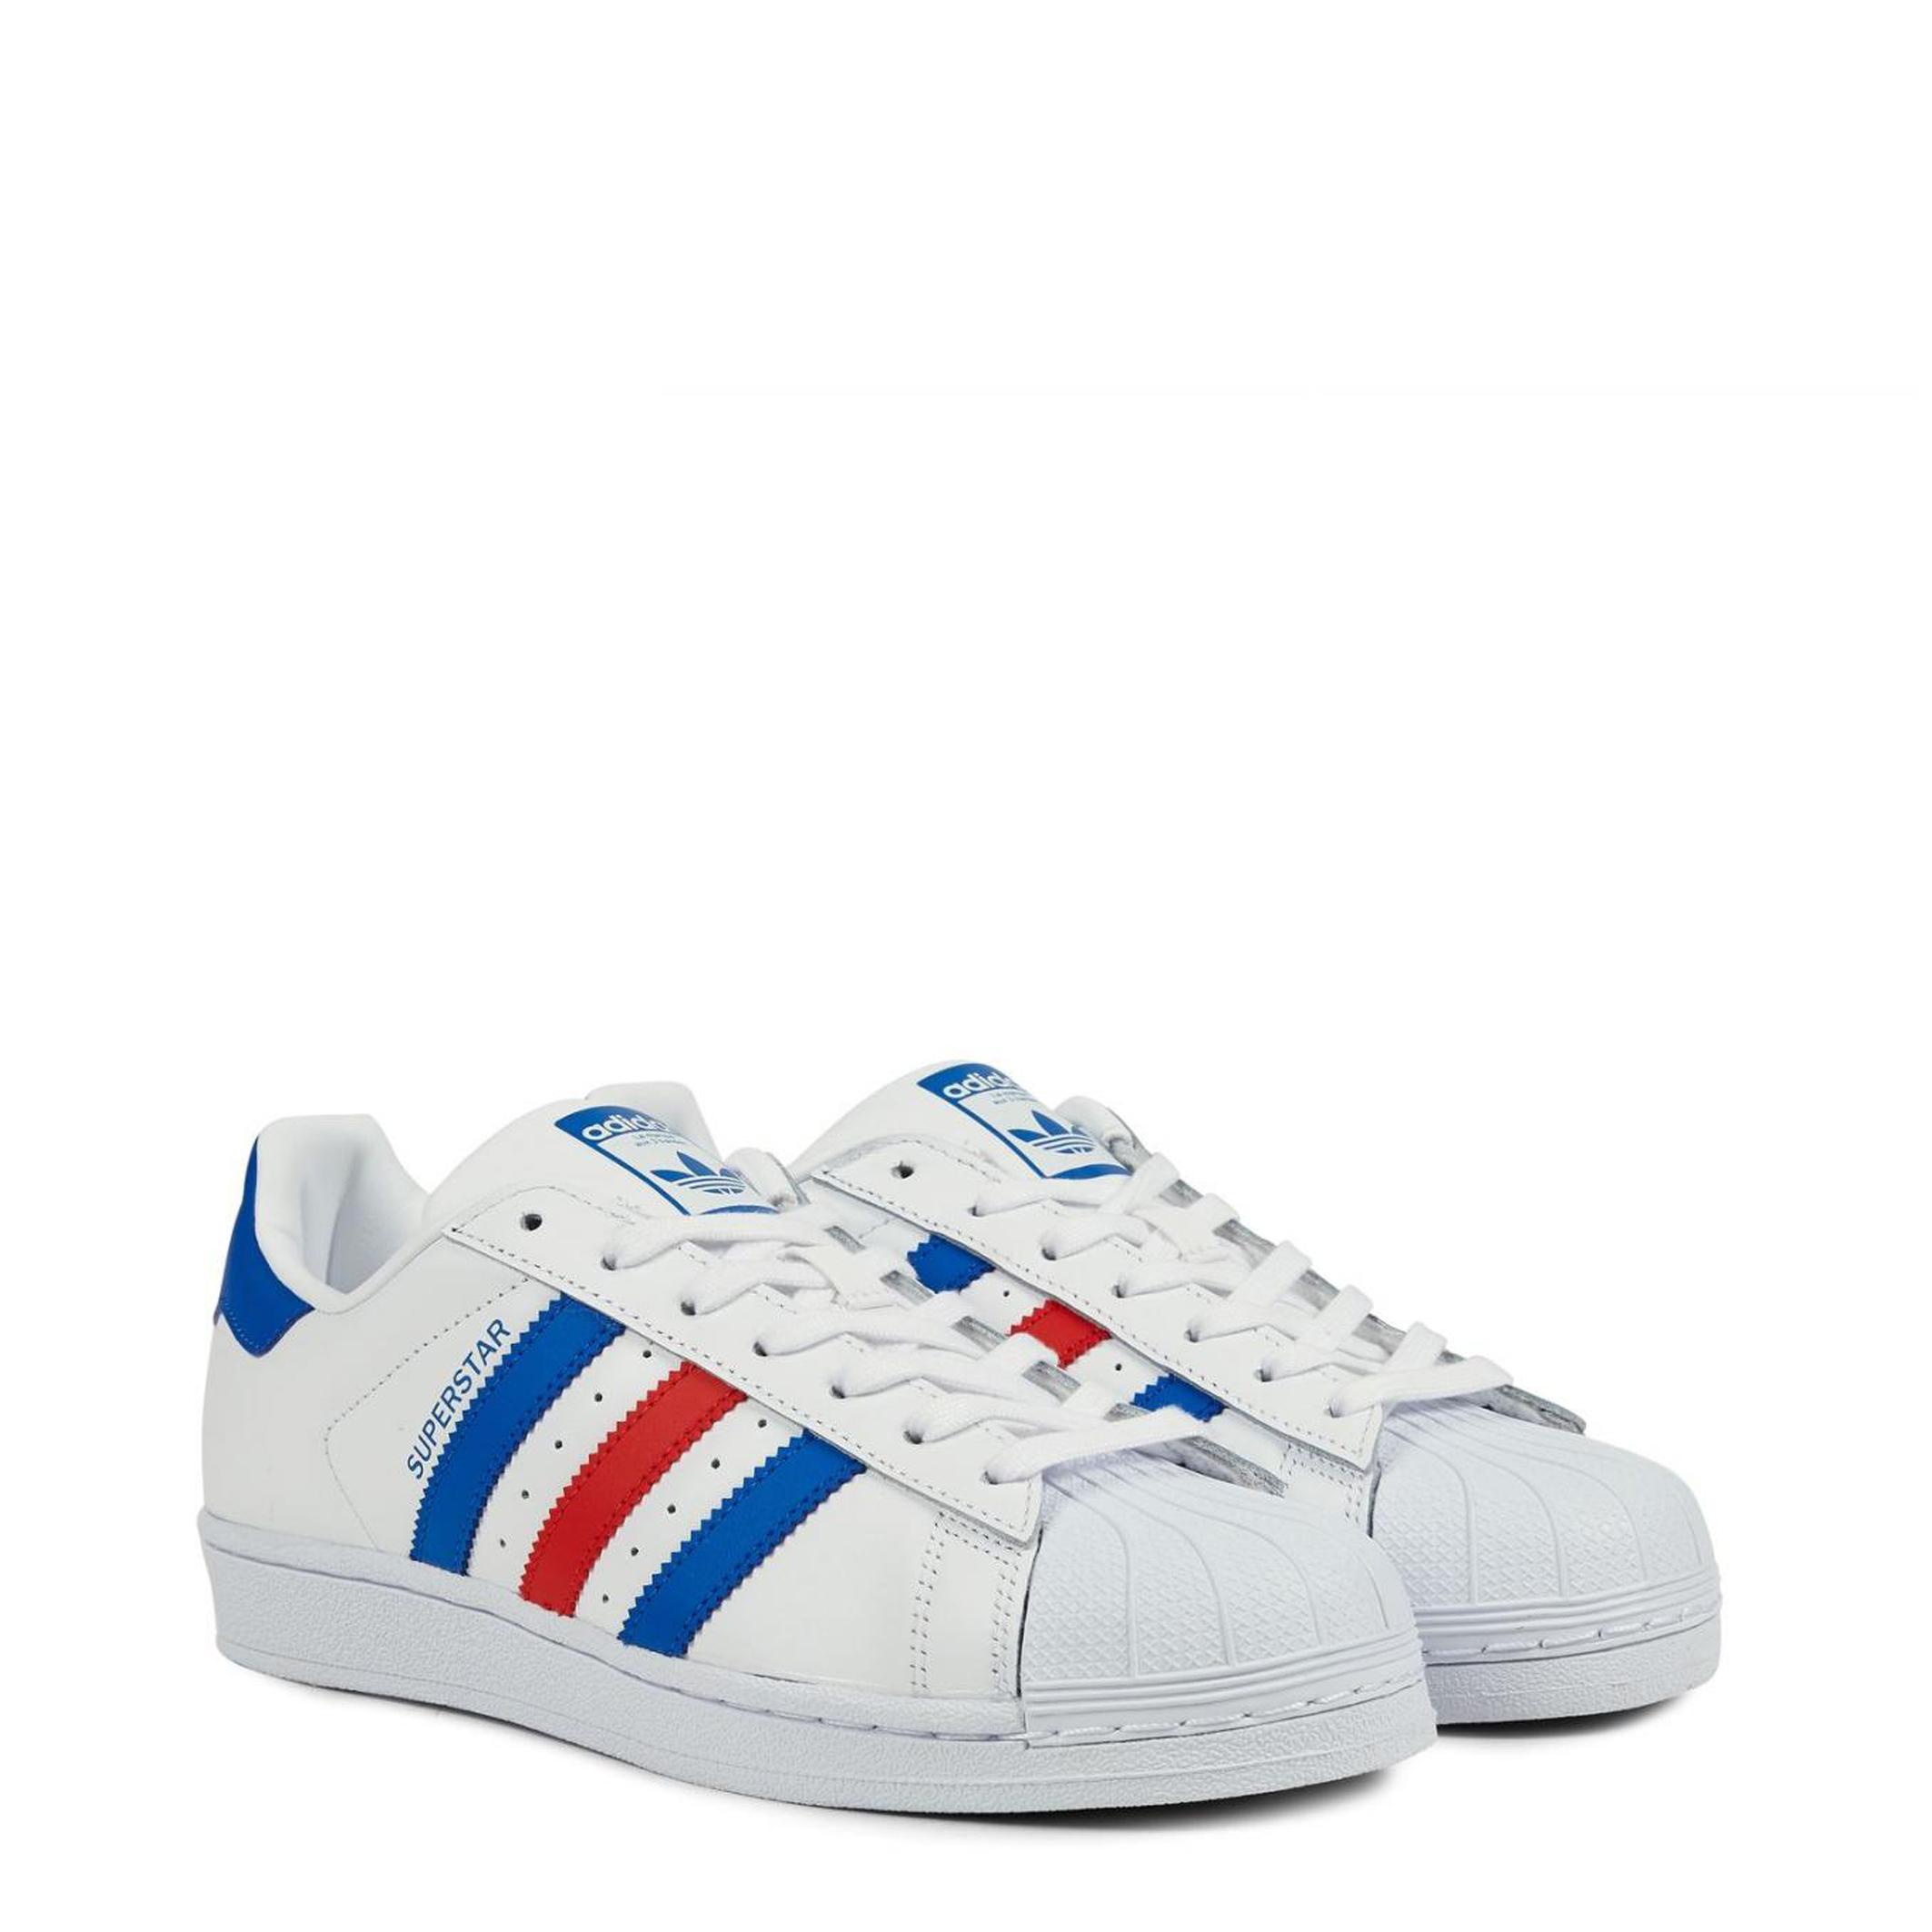 55bda4c19ea8f Baskets   Sport HOMME Adidas Superstar white